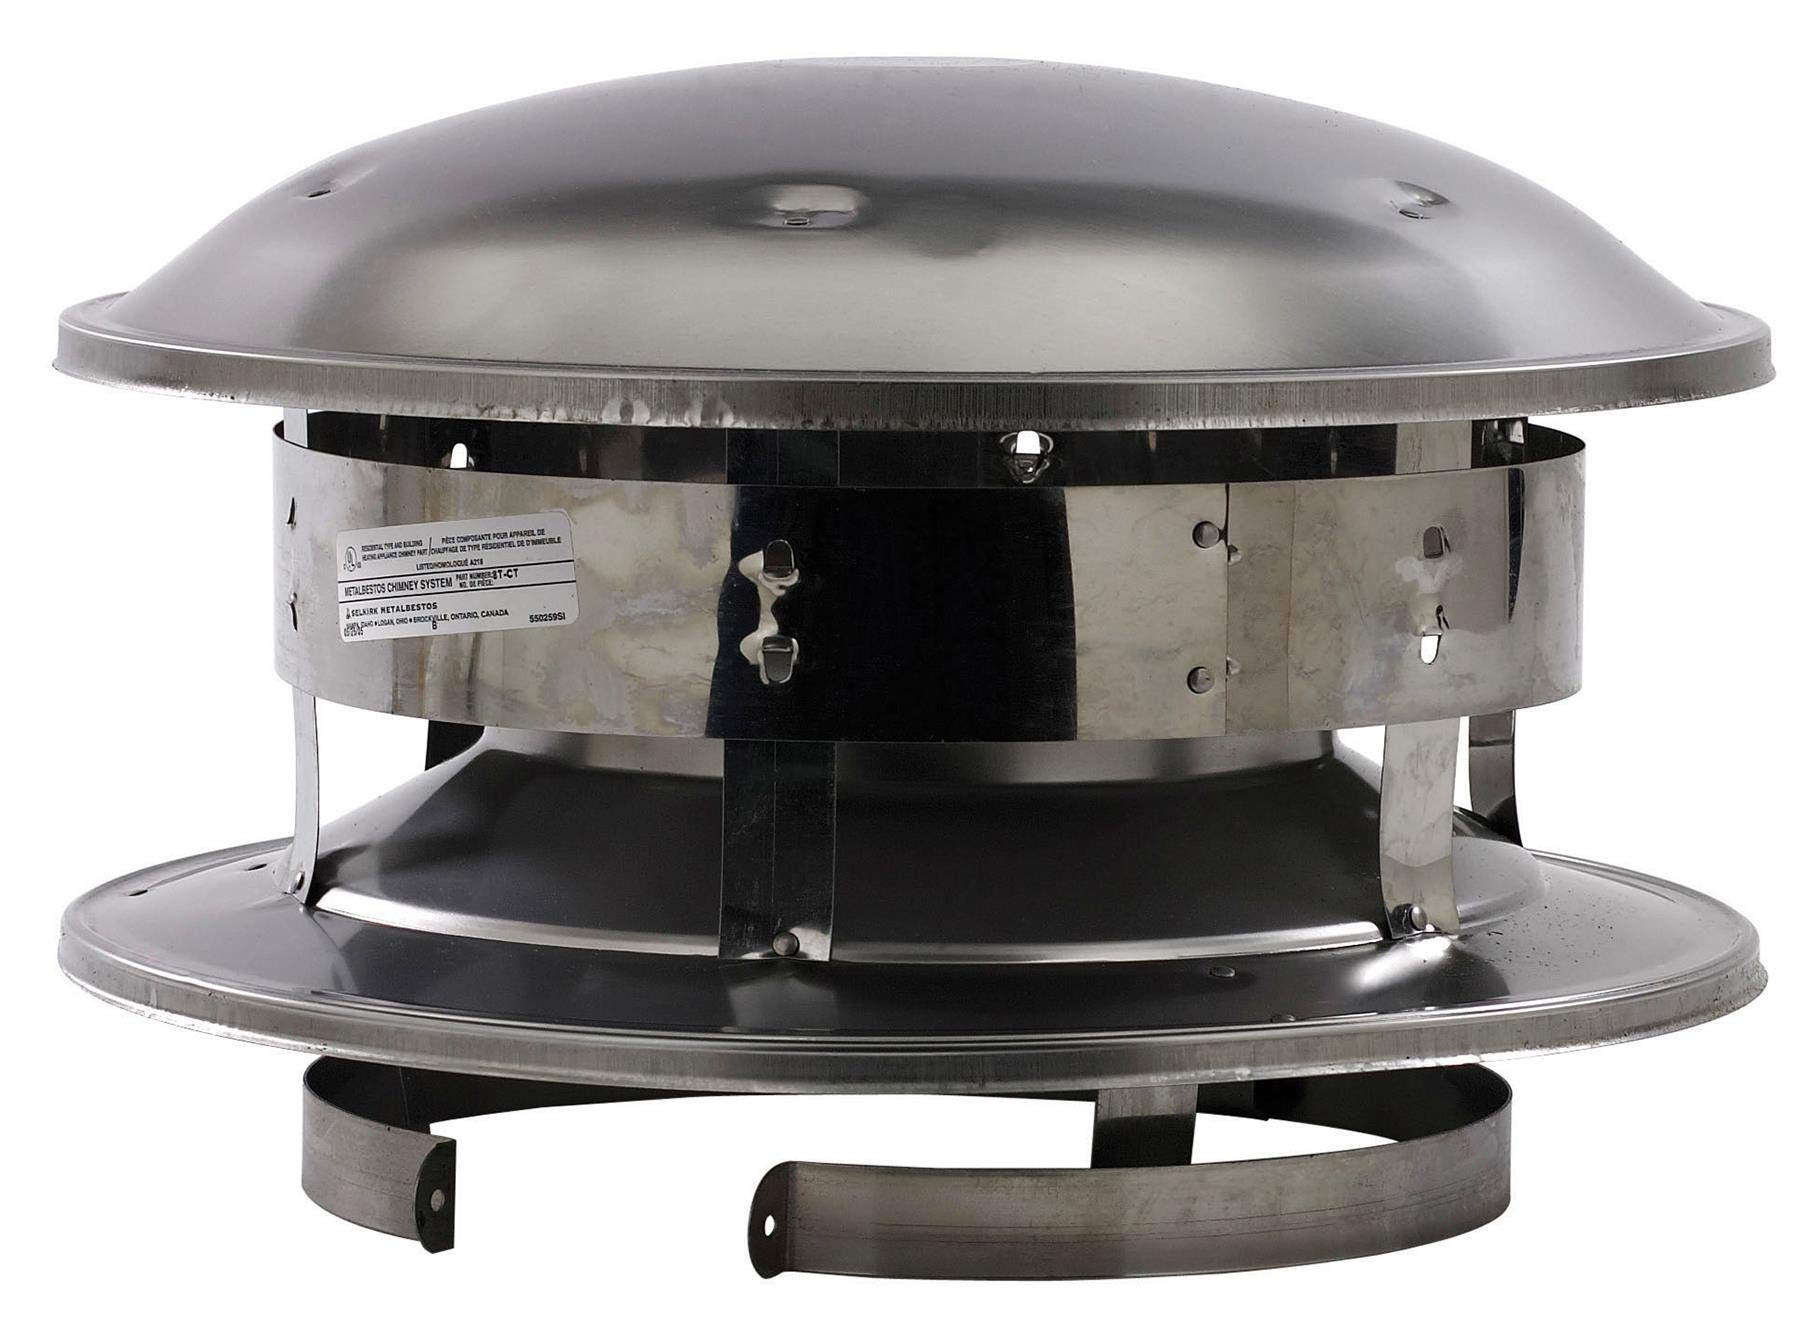 Selkirk Metalbestos 8T-CT 8-Inch Stainless Steel Round Top by Selkirk Metalbestos